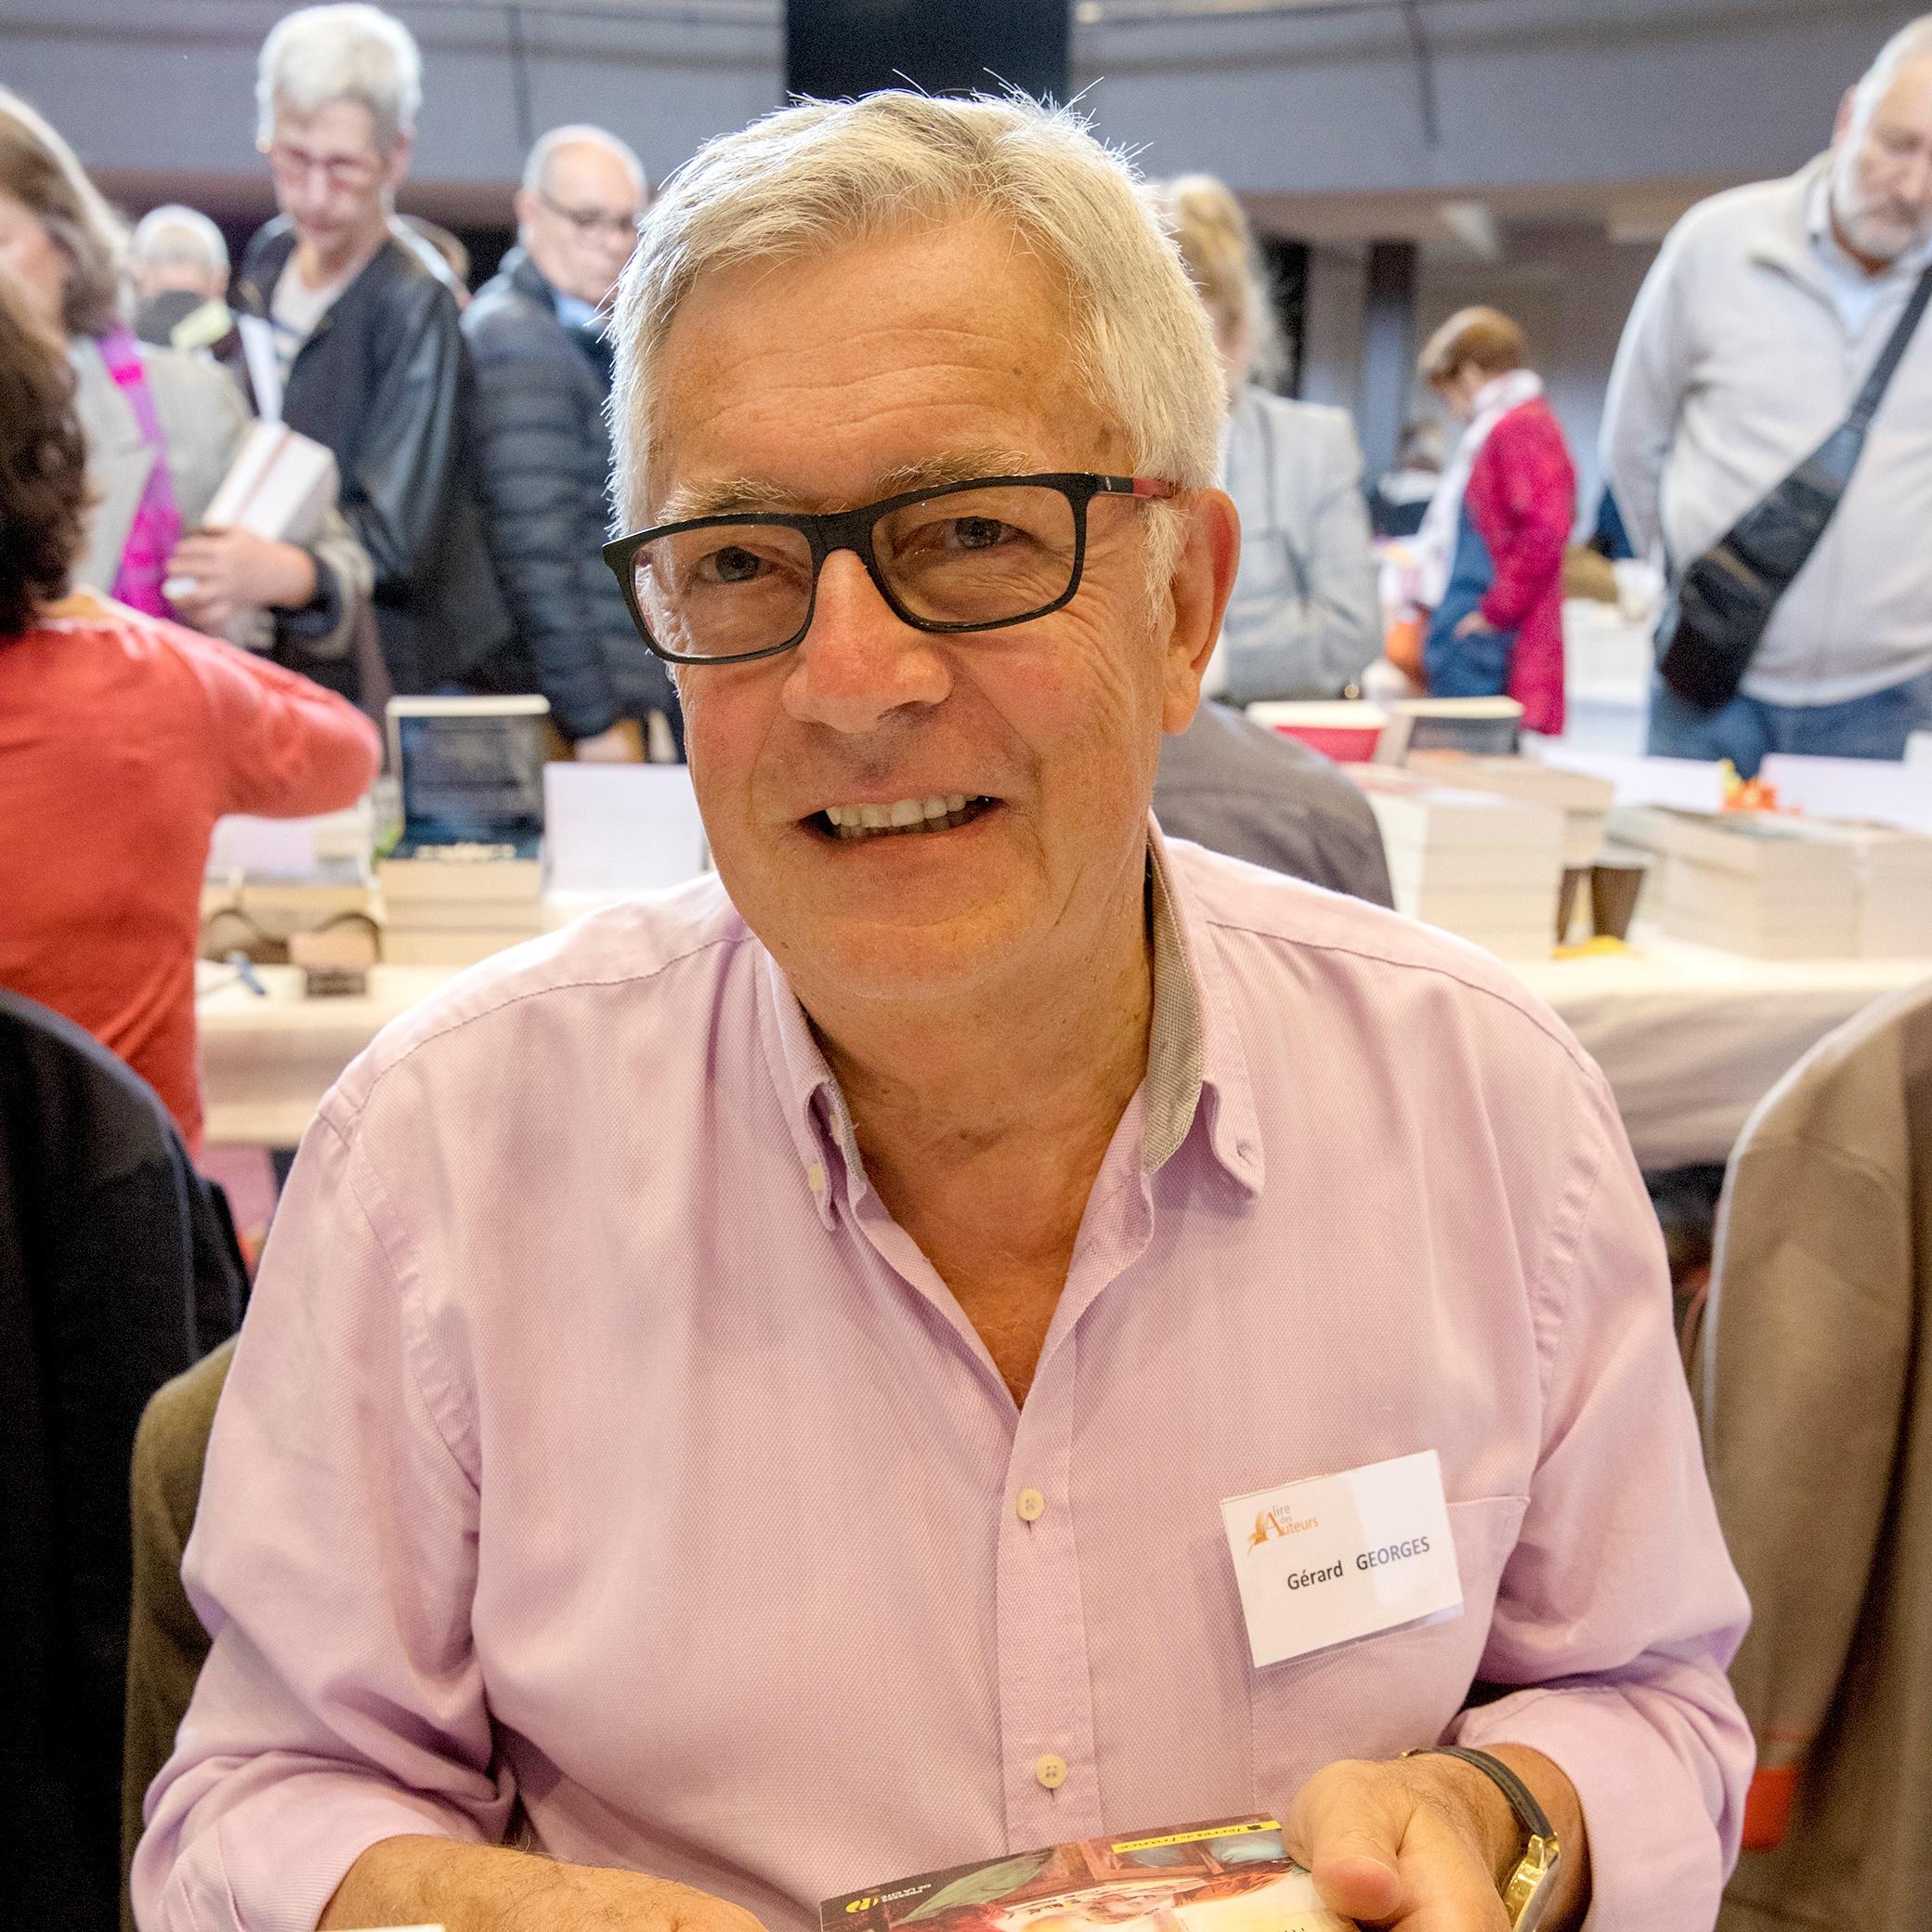 Portrait de Gérard GEORGES - auteur présent au Salon du Livre de Royat-Chamalières 2019